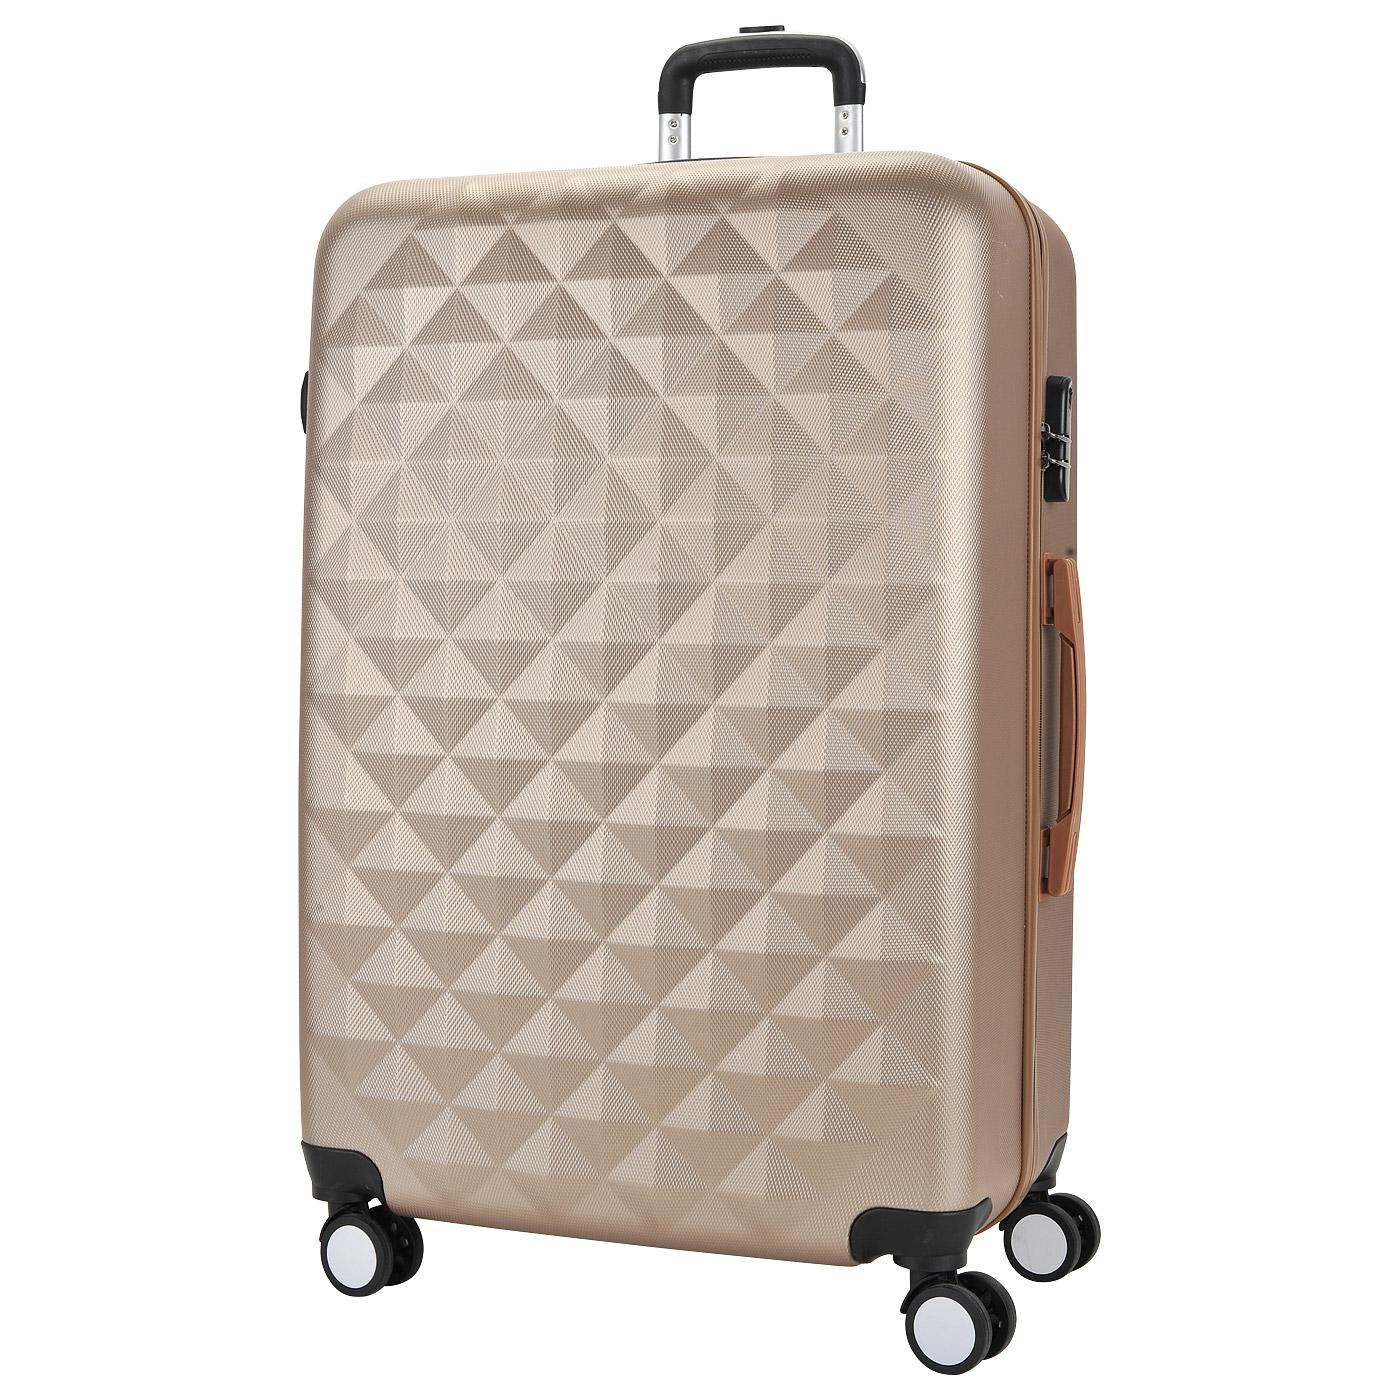 Купить чемодан в Москве с доставкой на